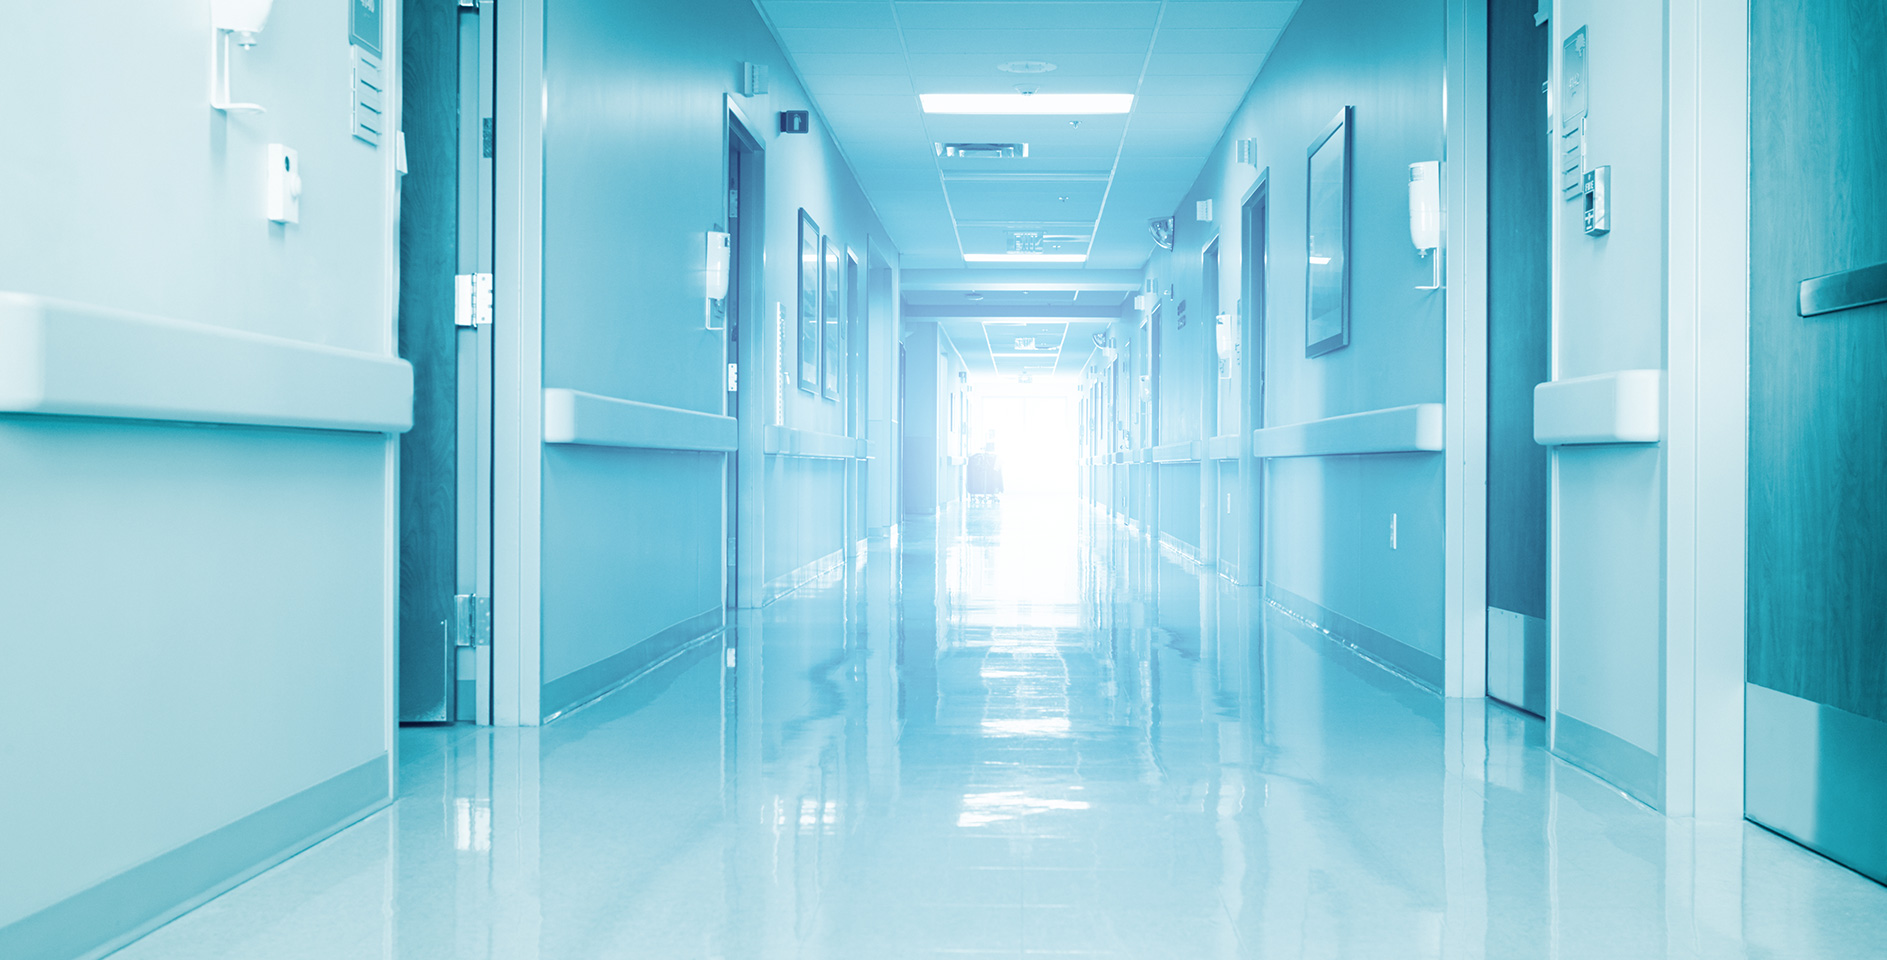 Медицинская палата Свердловской области займётся согласованием кандидатур на должности главврачей медучреждений региона. Идея принадлежит министру здравоохранения Андрею Карлову.